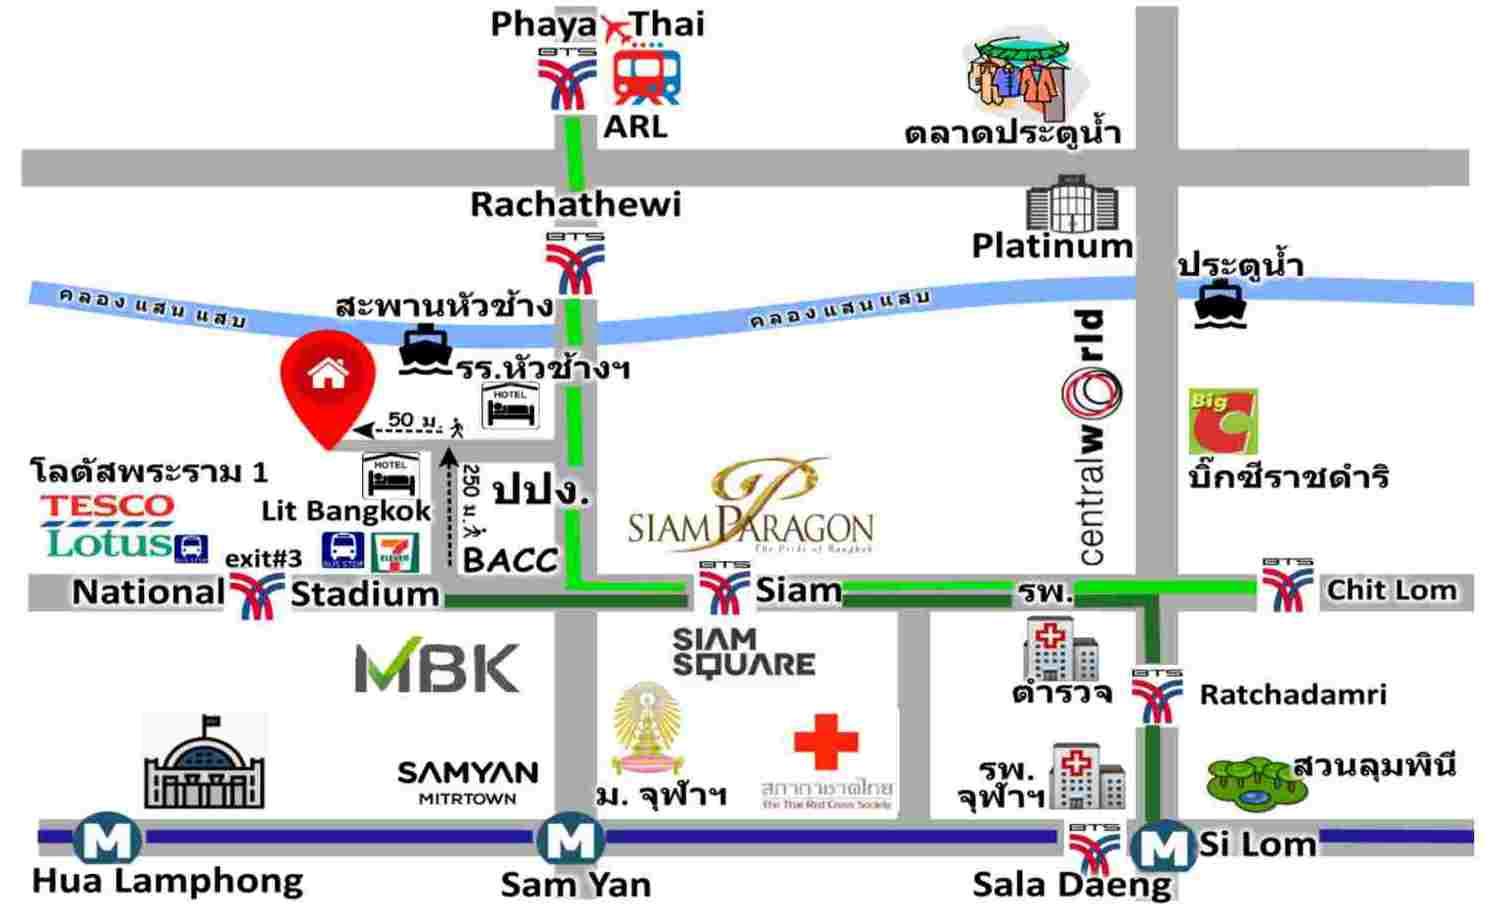 ขายตึกแถวสยามMBKใกล้ BTSสนามกีฬา(350เมตร)